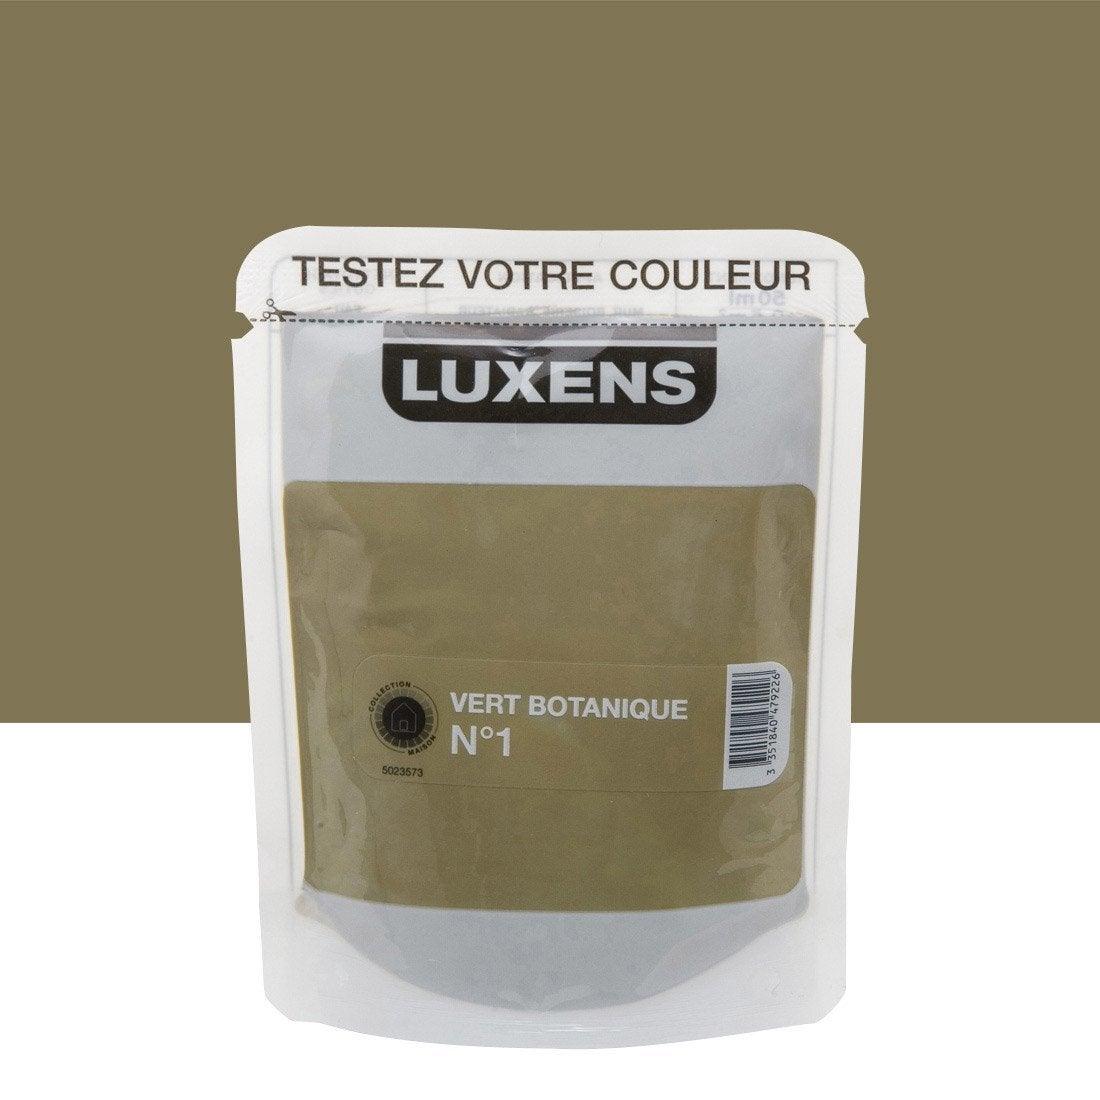 Testeur peinture vert botanique 1 luxens couleurs - Peinture leroy merlin luxens ...